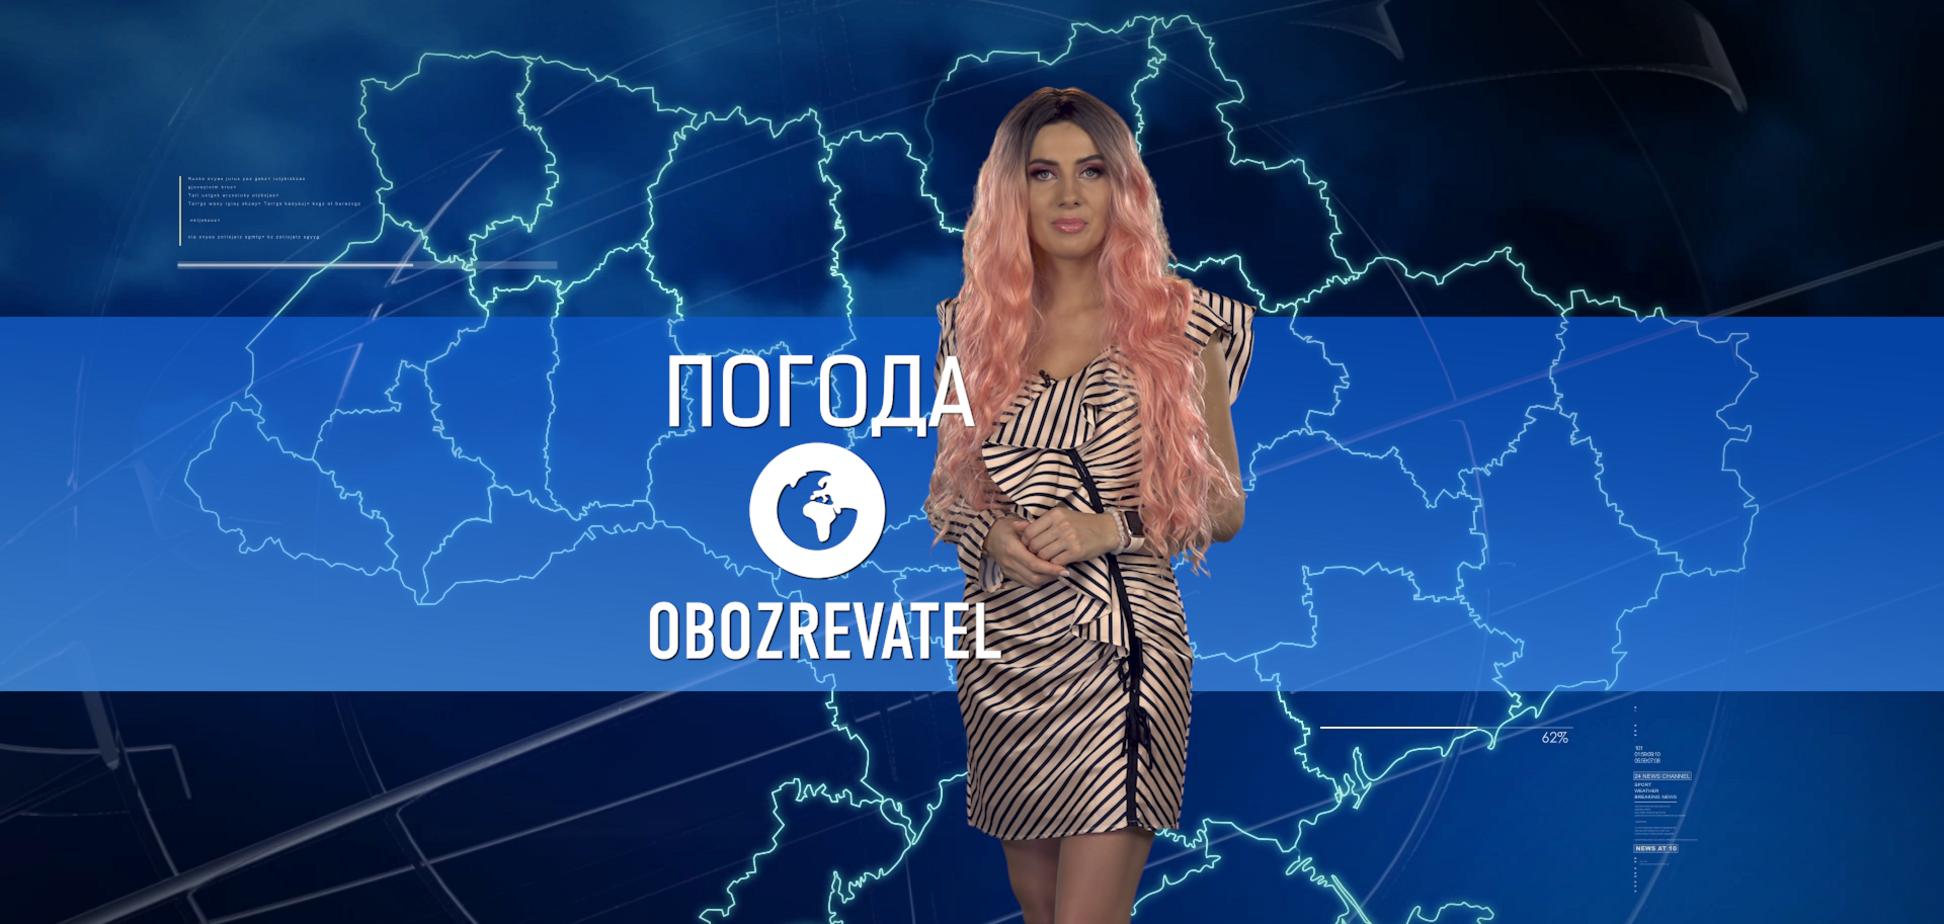 Прогноз погоды в Украине на понедельник 8 марта, с Алисой Мярковской